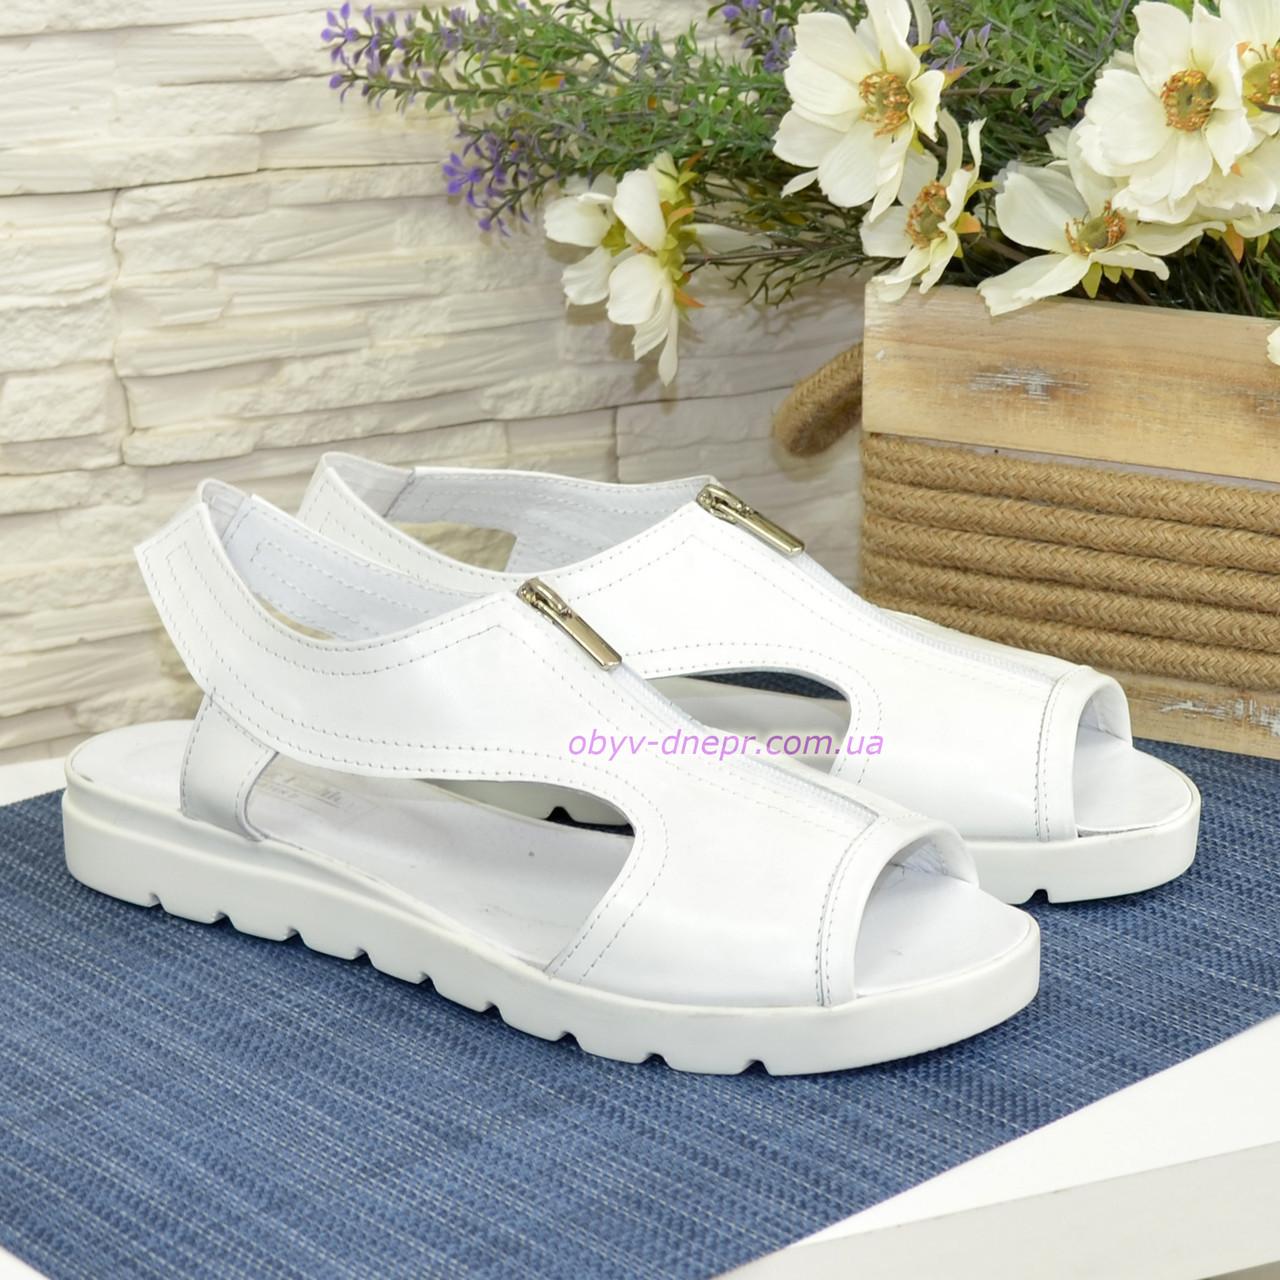 Женские кожаные белые босоножки на плоской подошве